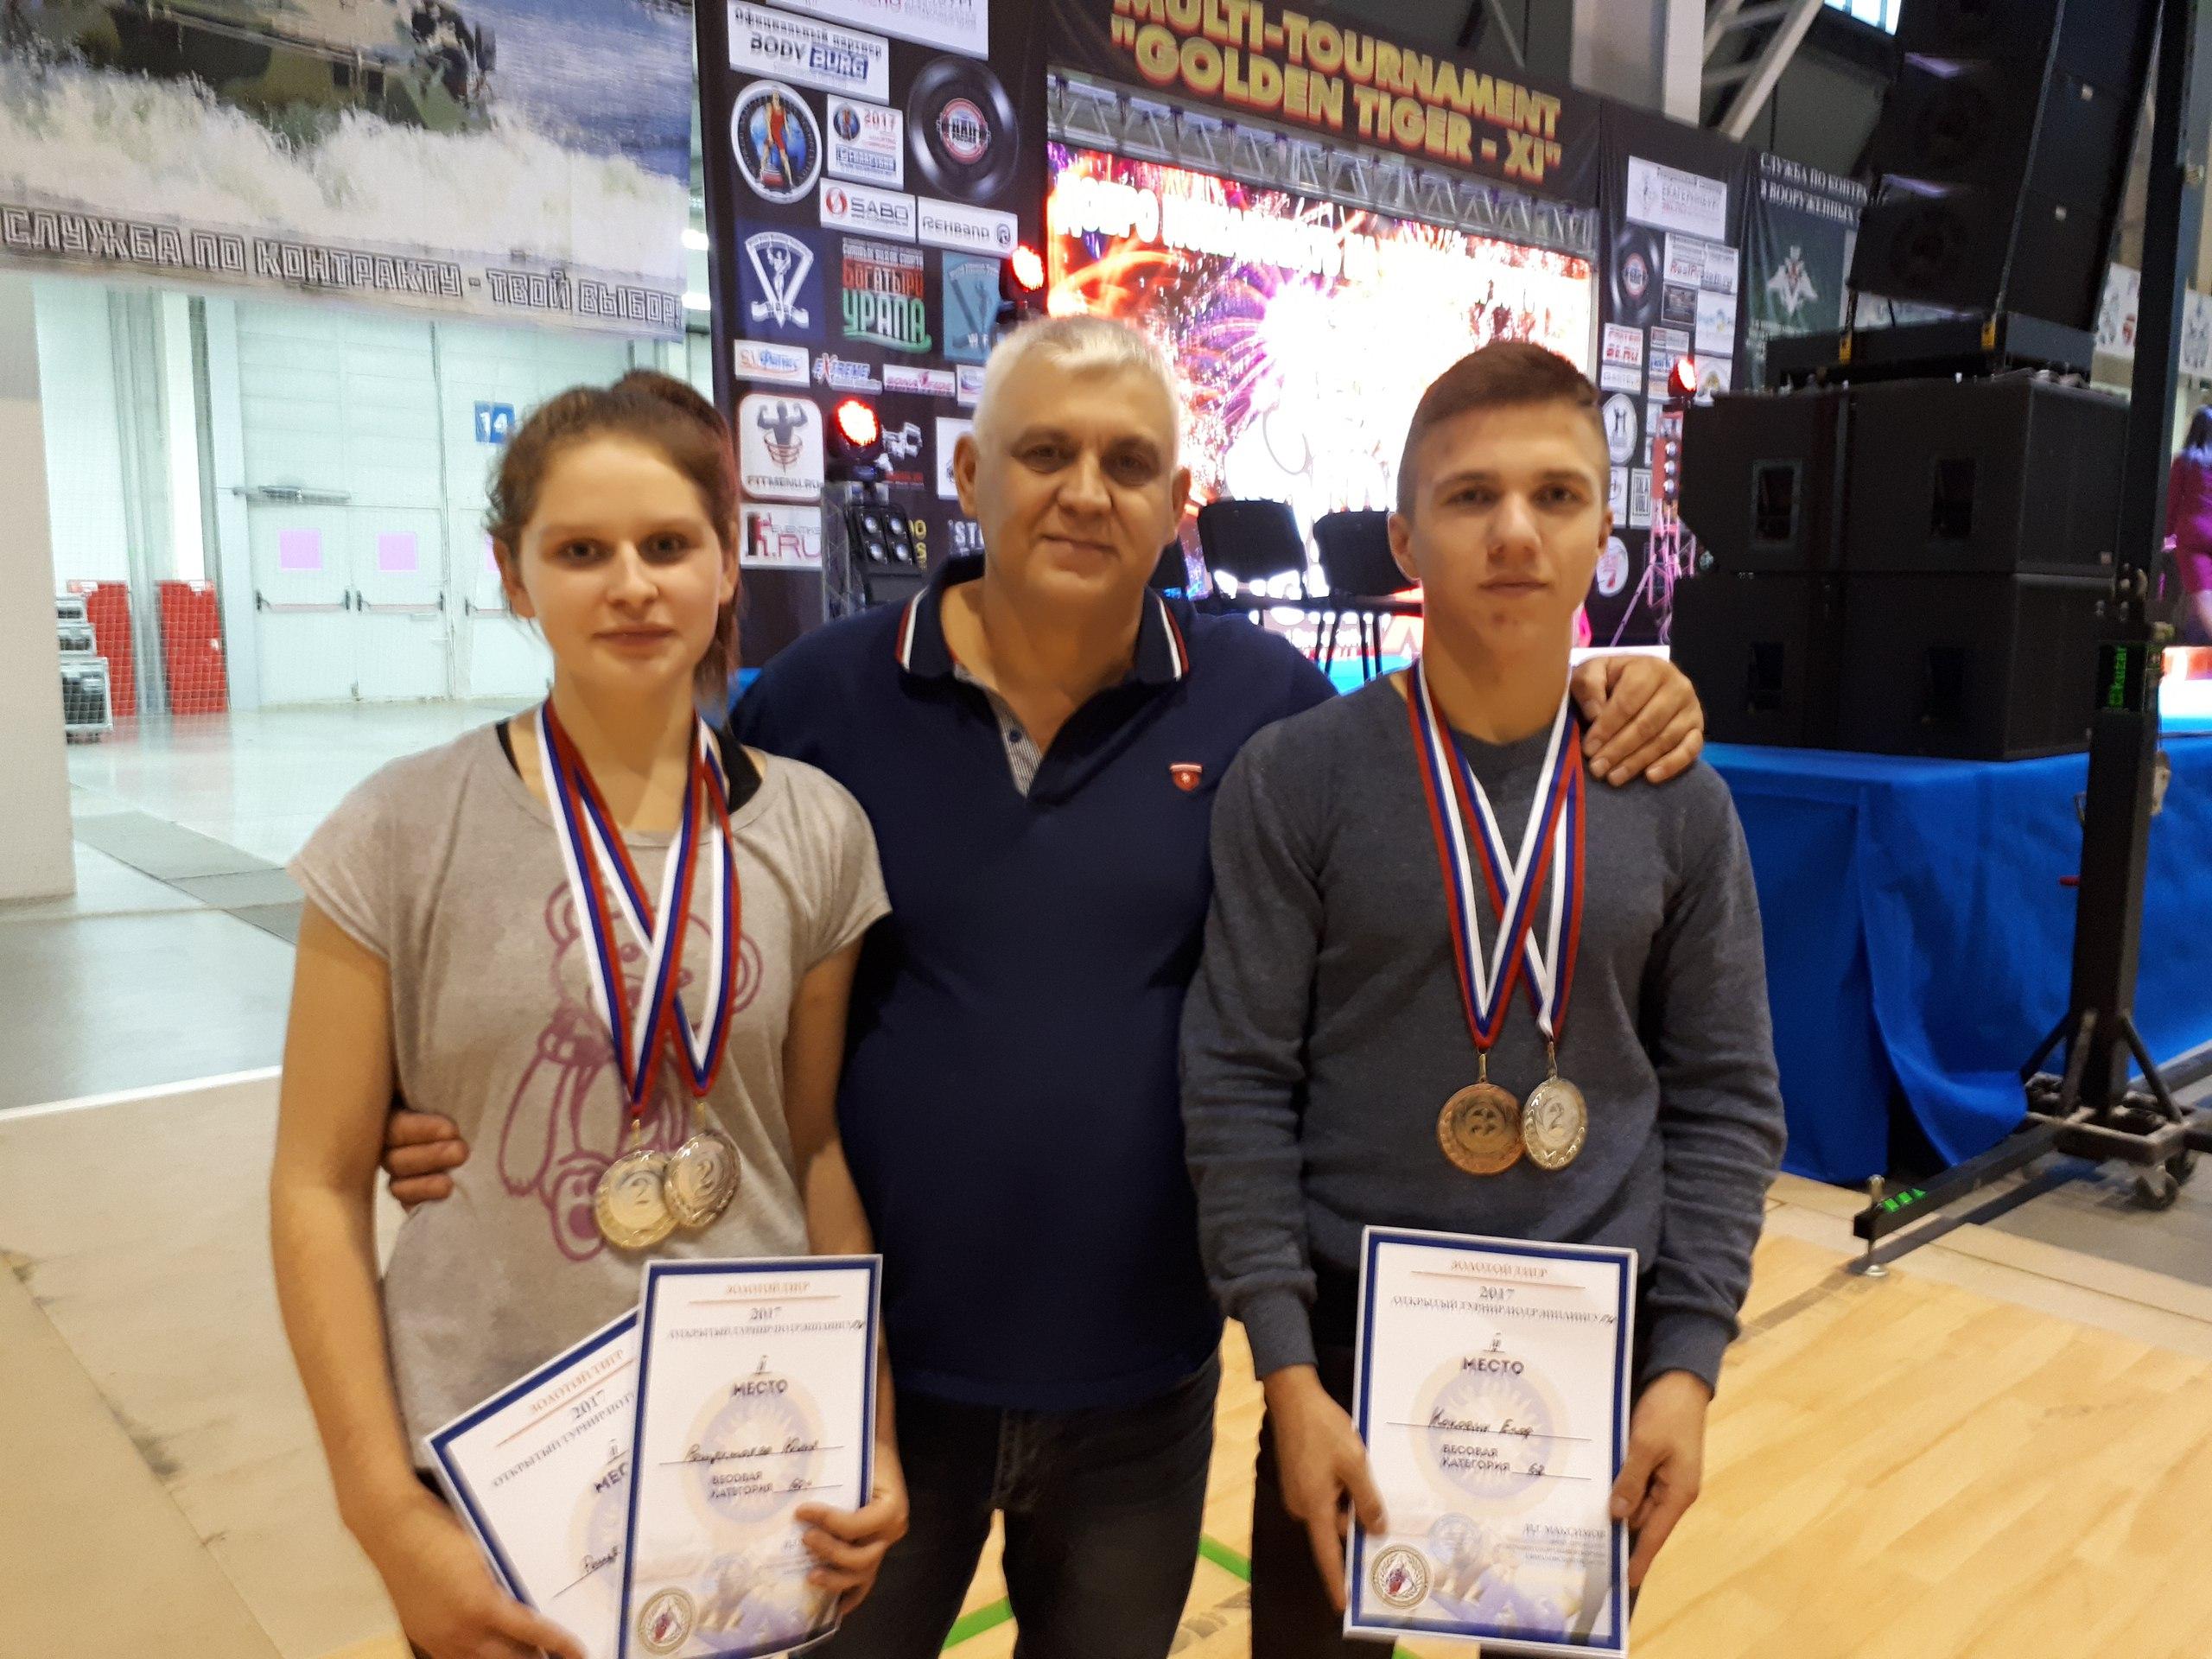 Радик Гилязов (в центре) с Юлией Рощектаевой  и Егором Коковиным